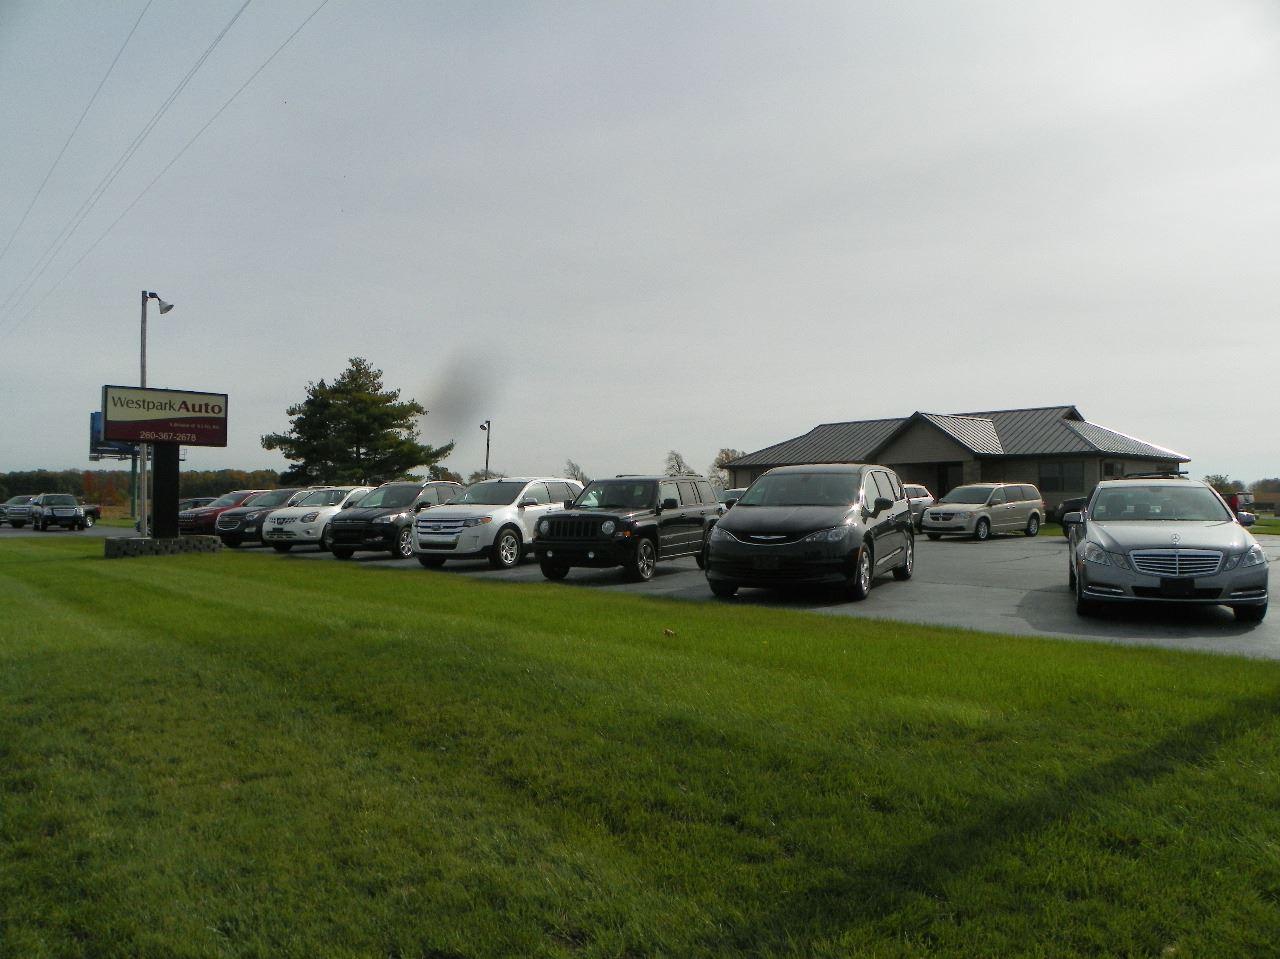 Westpark Auto